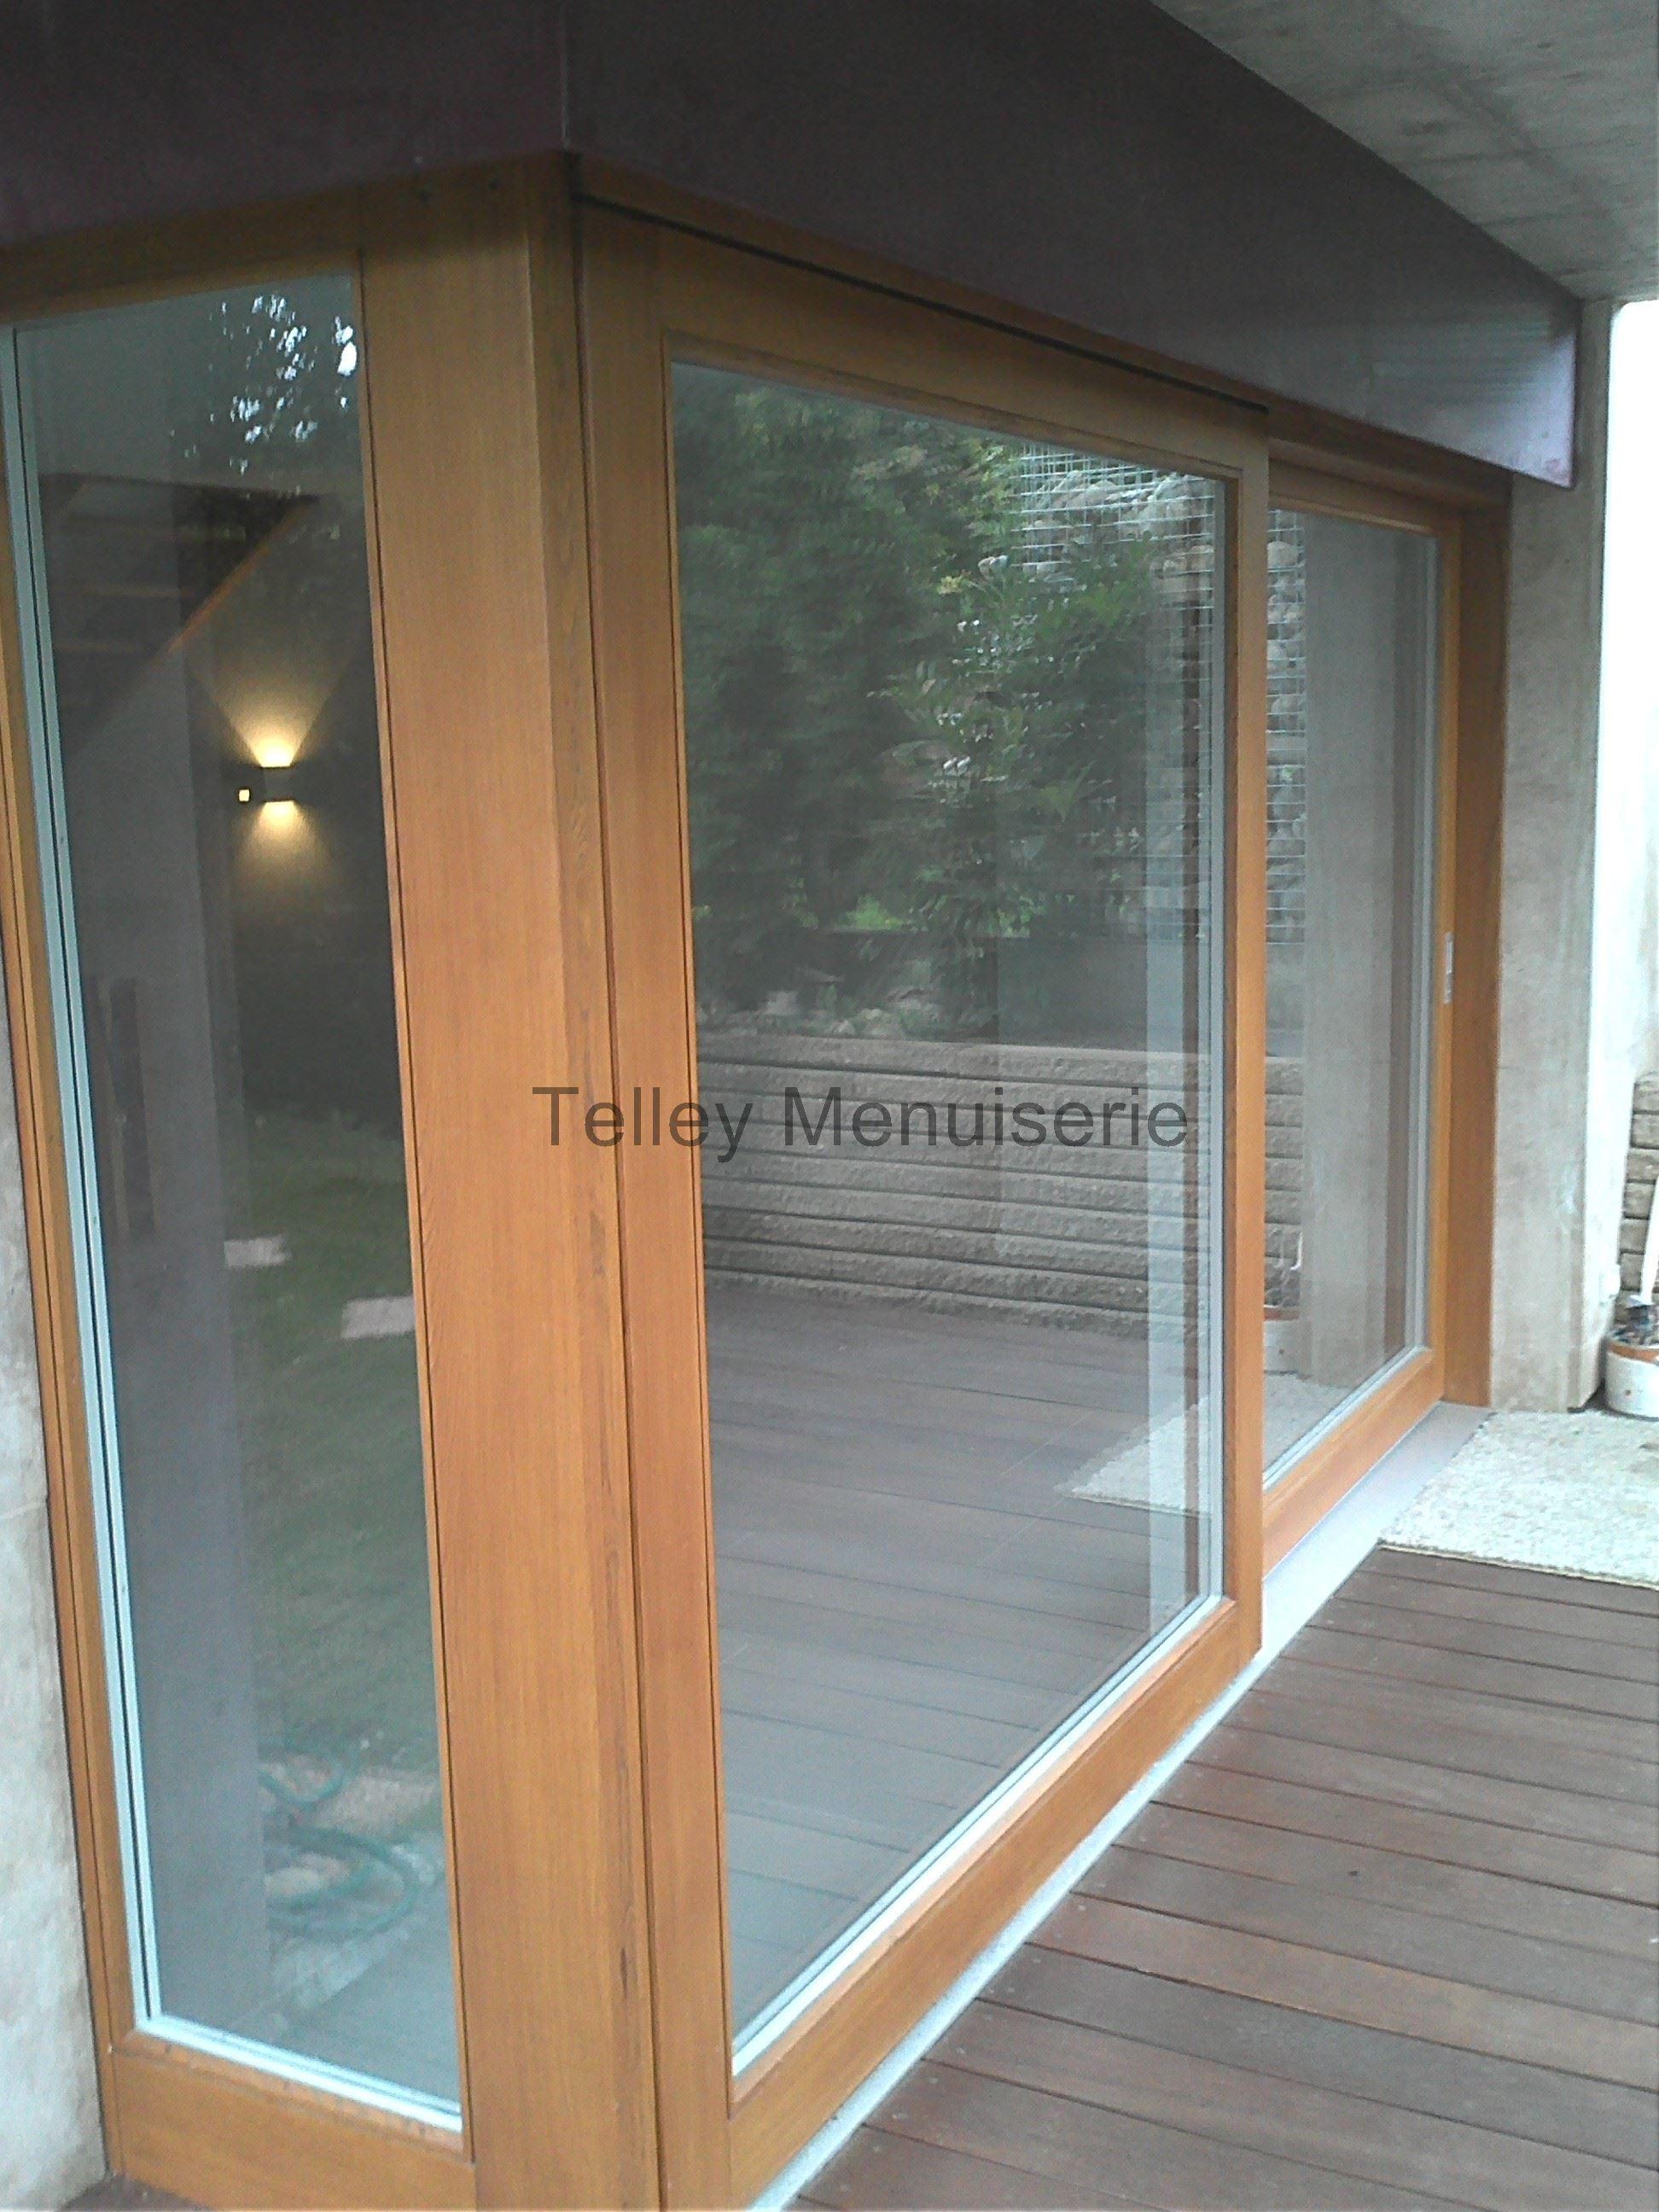 Portes fen tres coulissantes menuiserie telley - Porte interieure coulissante sur mesure ...